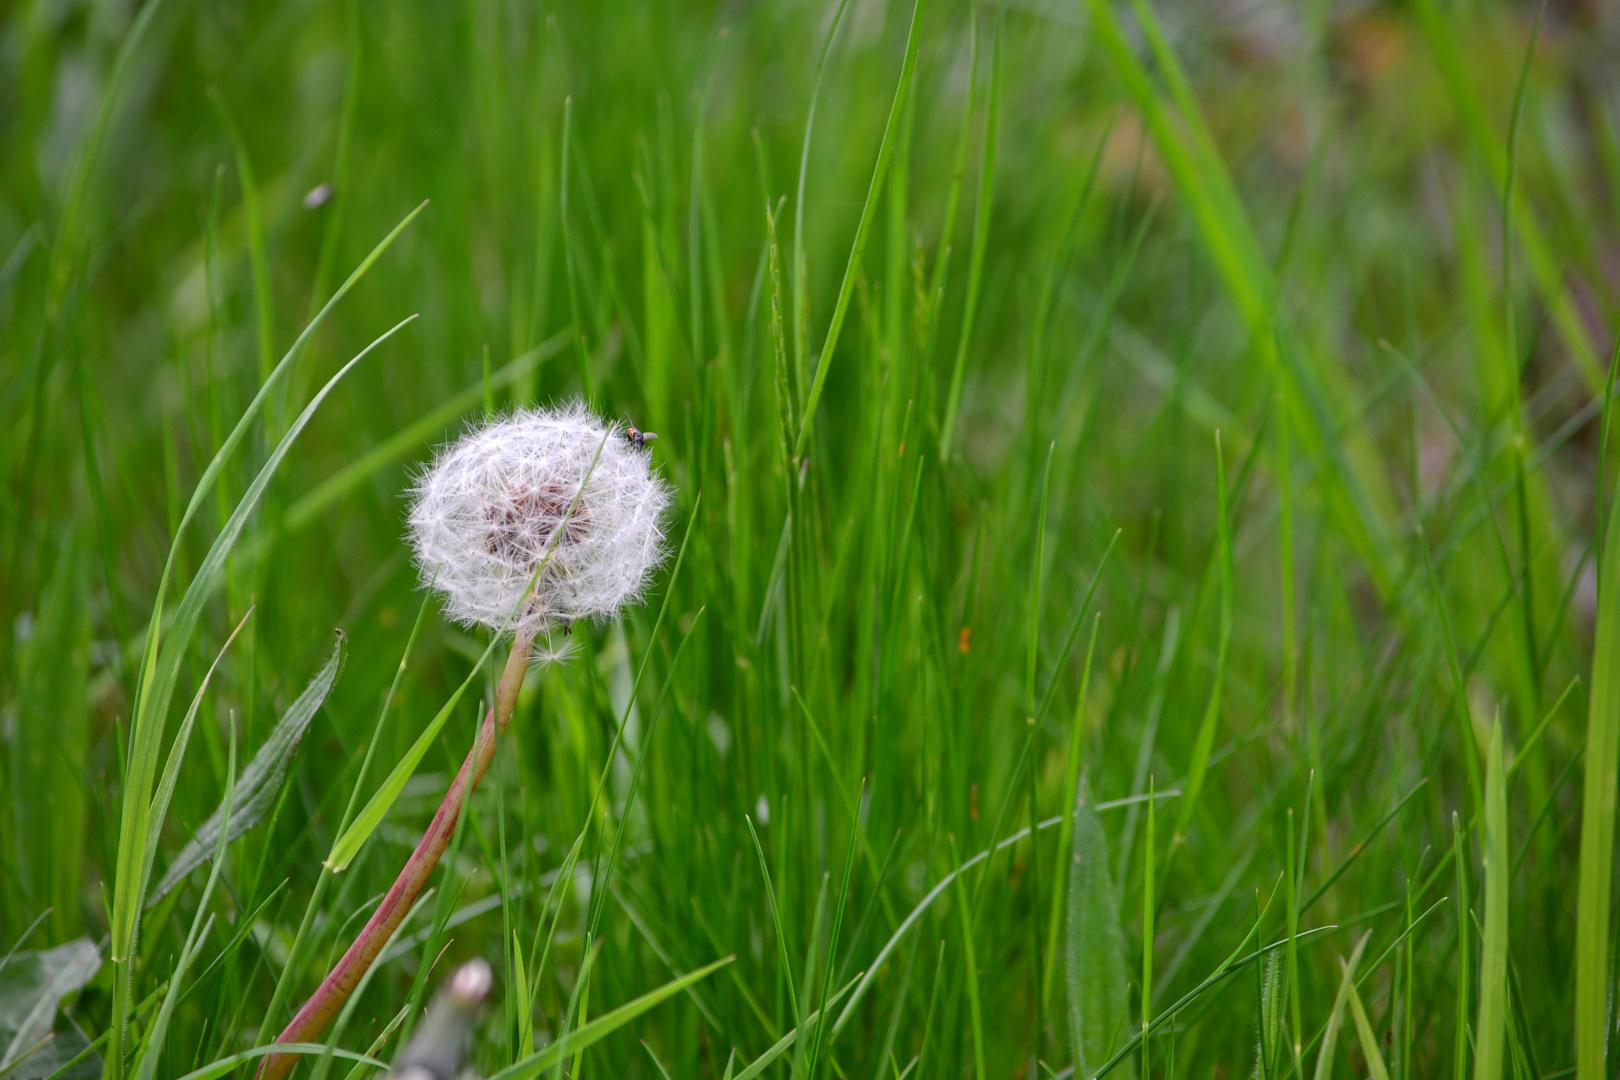 Pusteblume im Gras